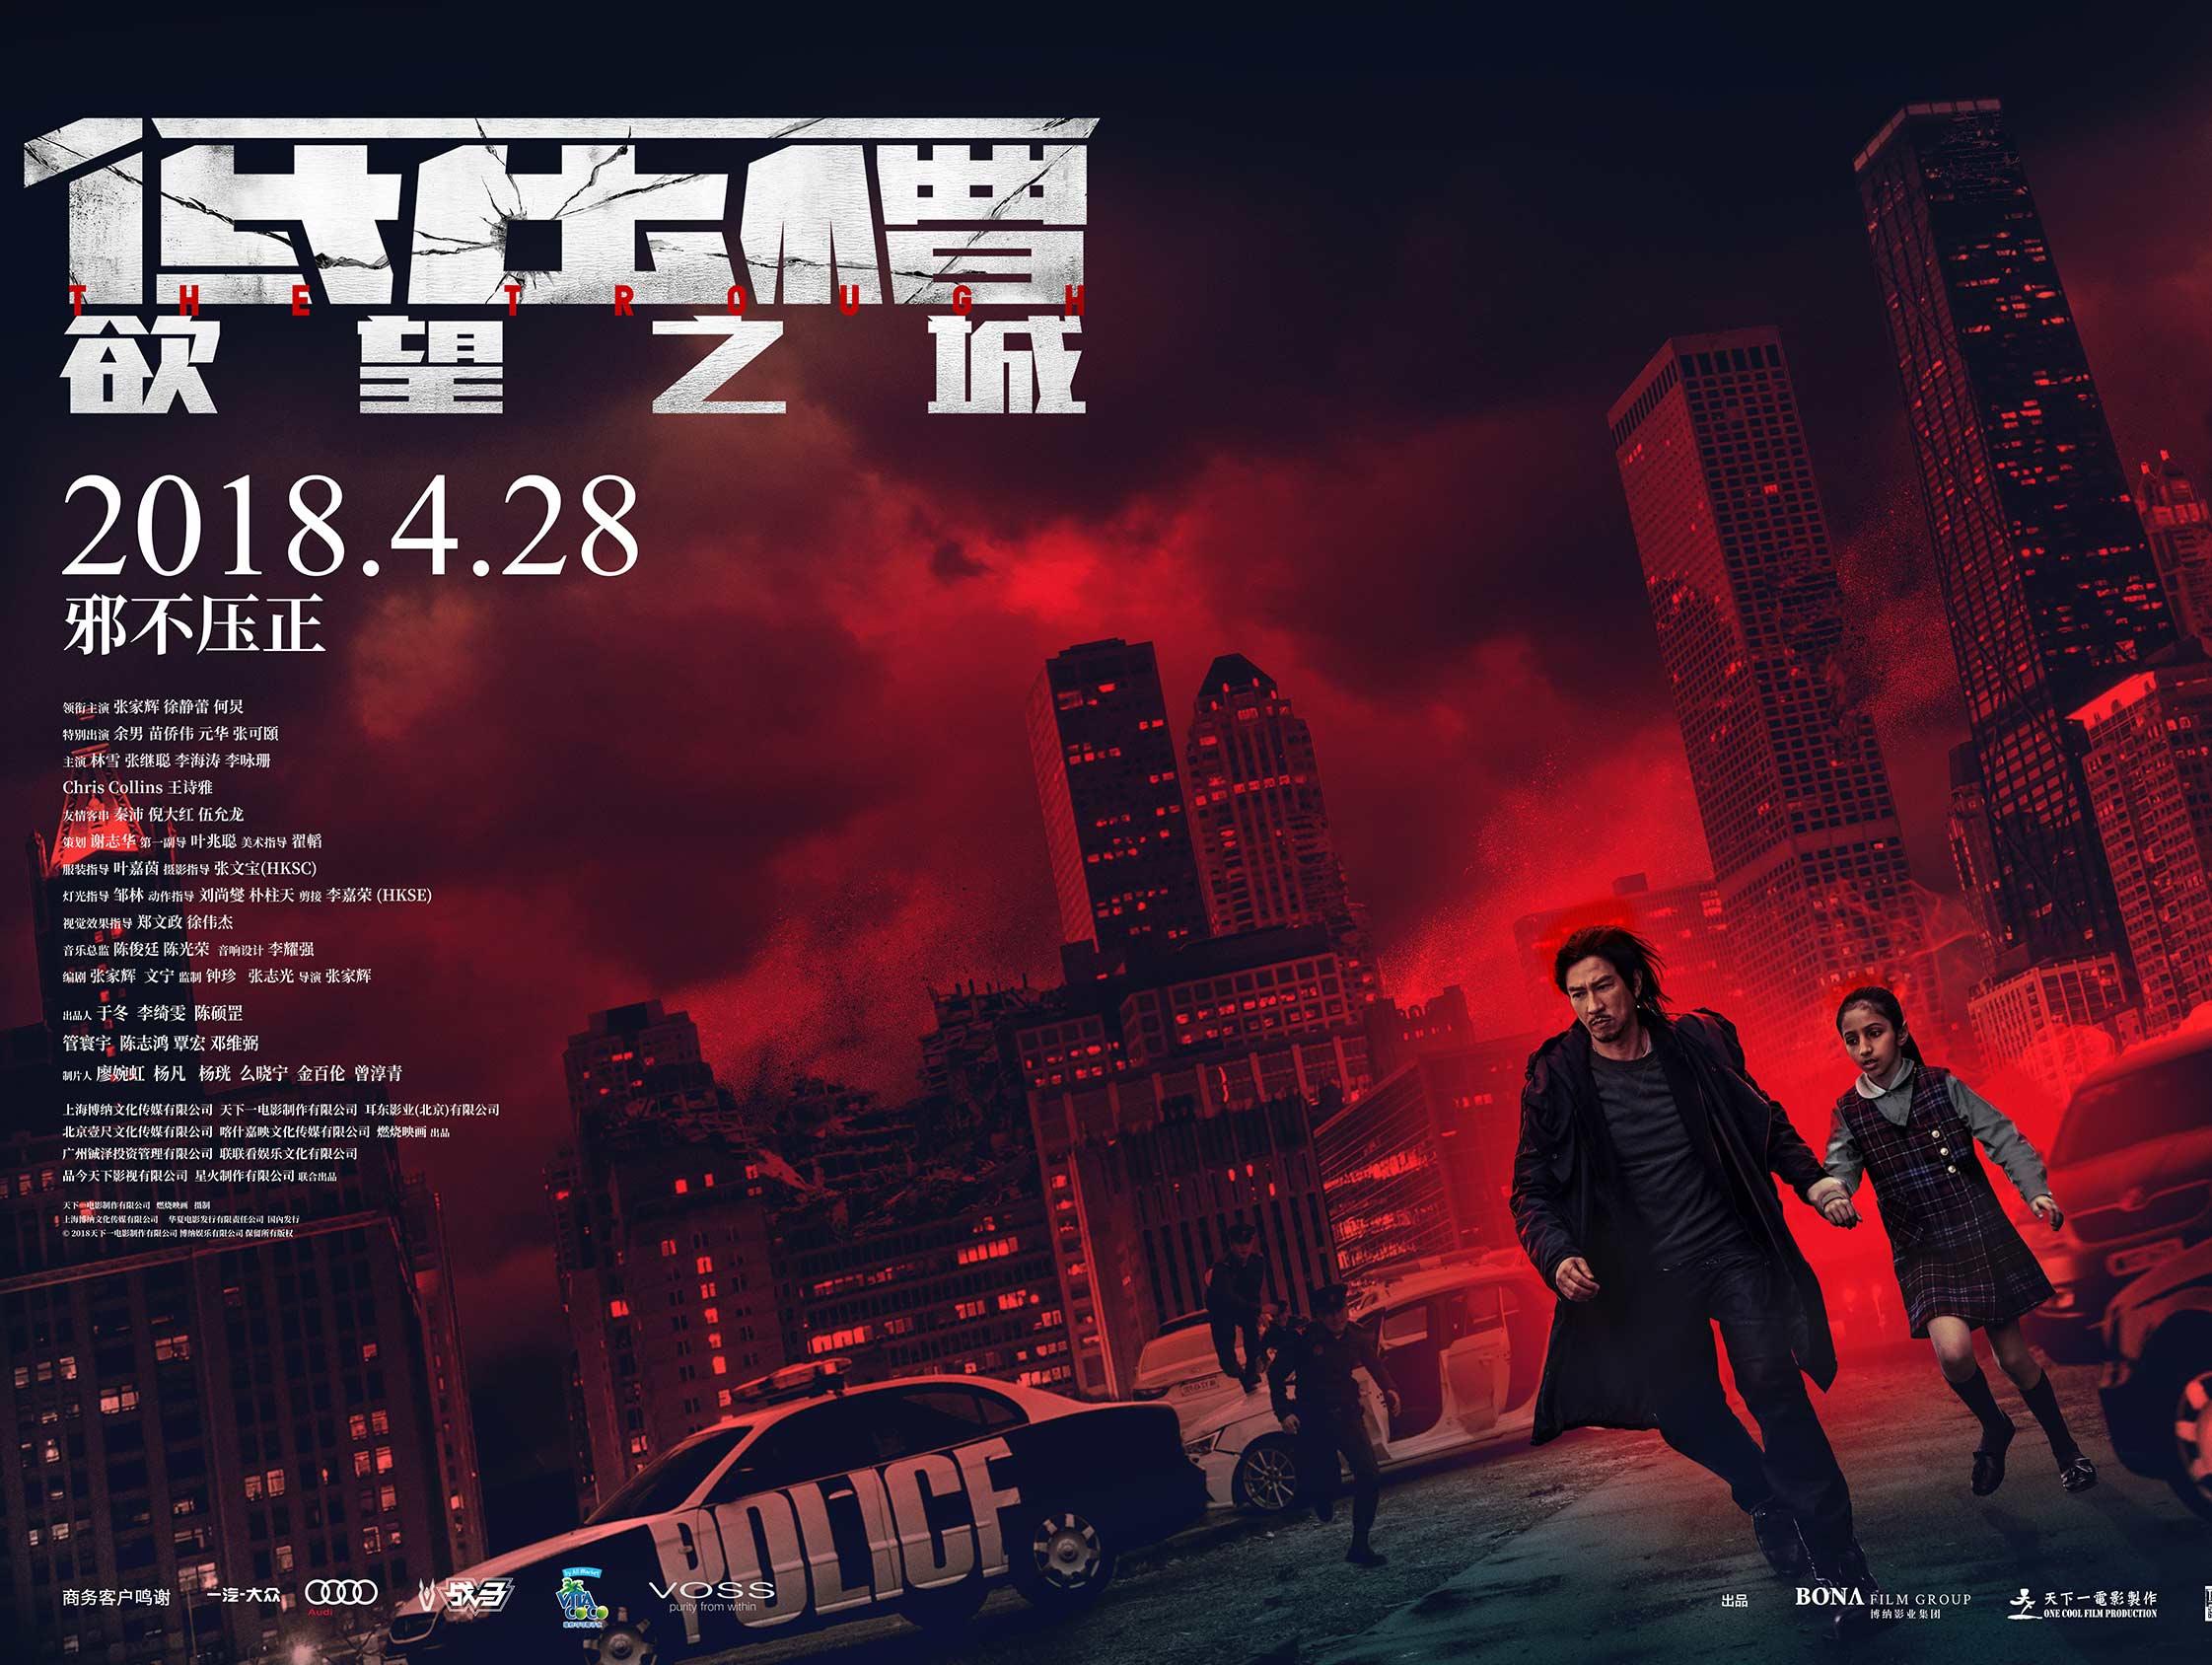 《低压槽:欲望之城》曝场景海报 预售正式开启